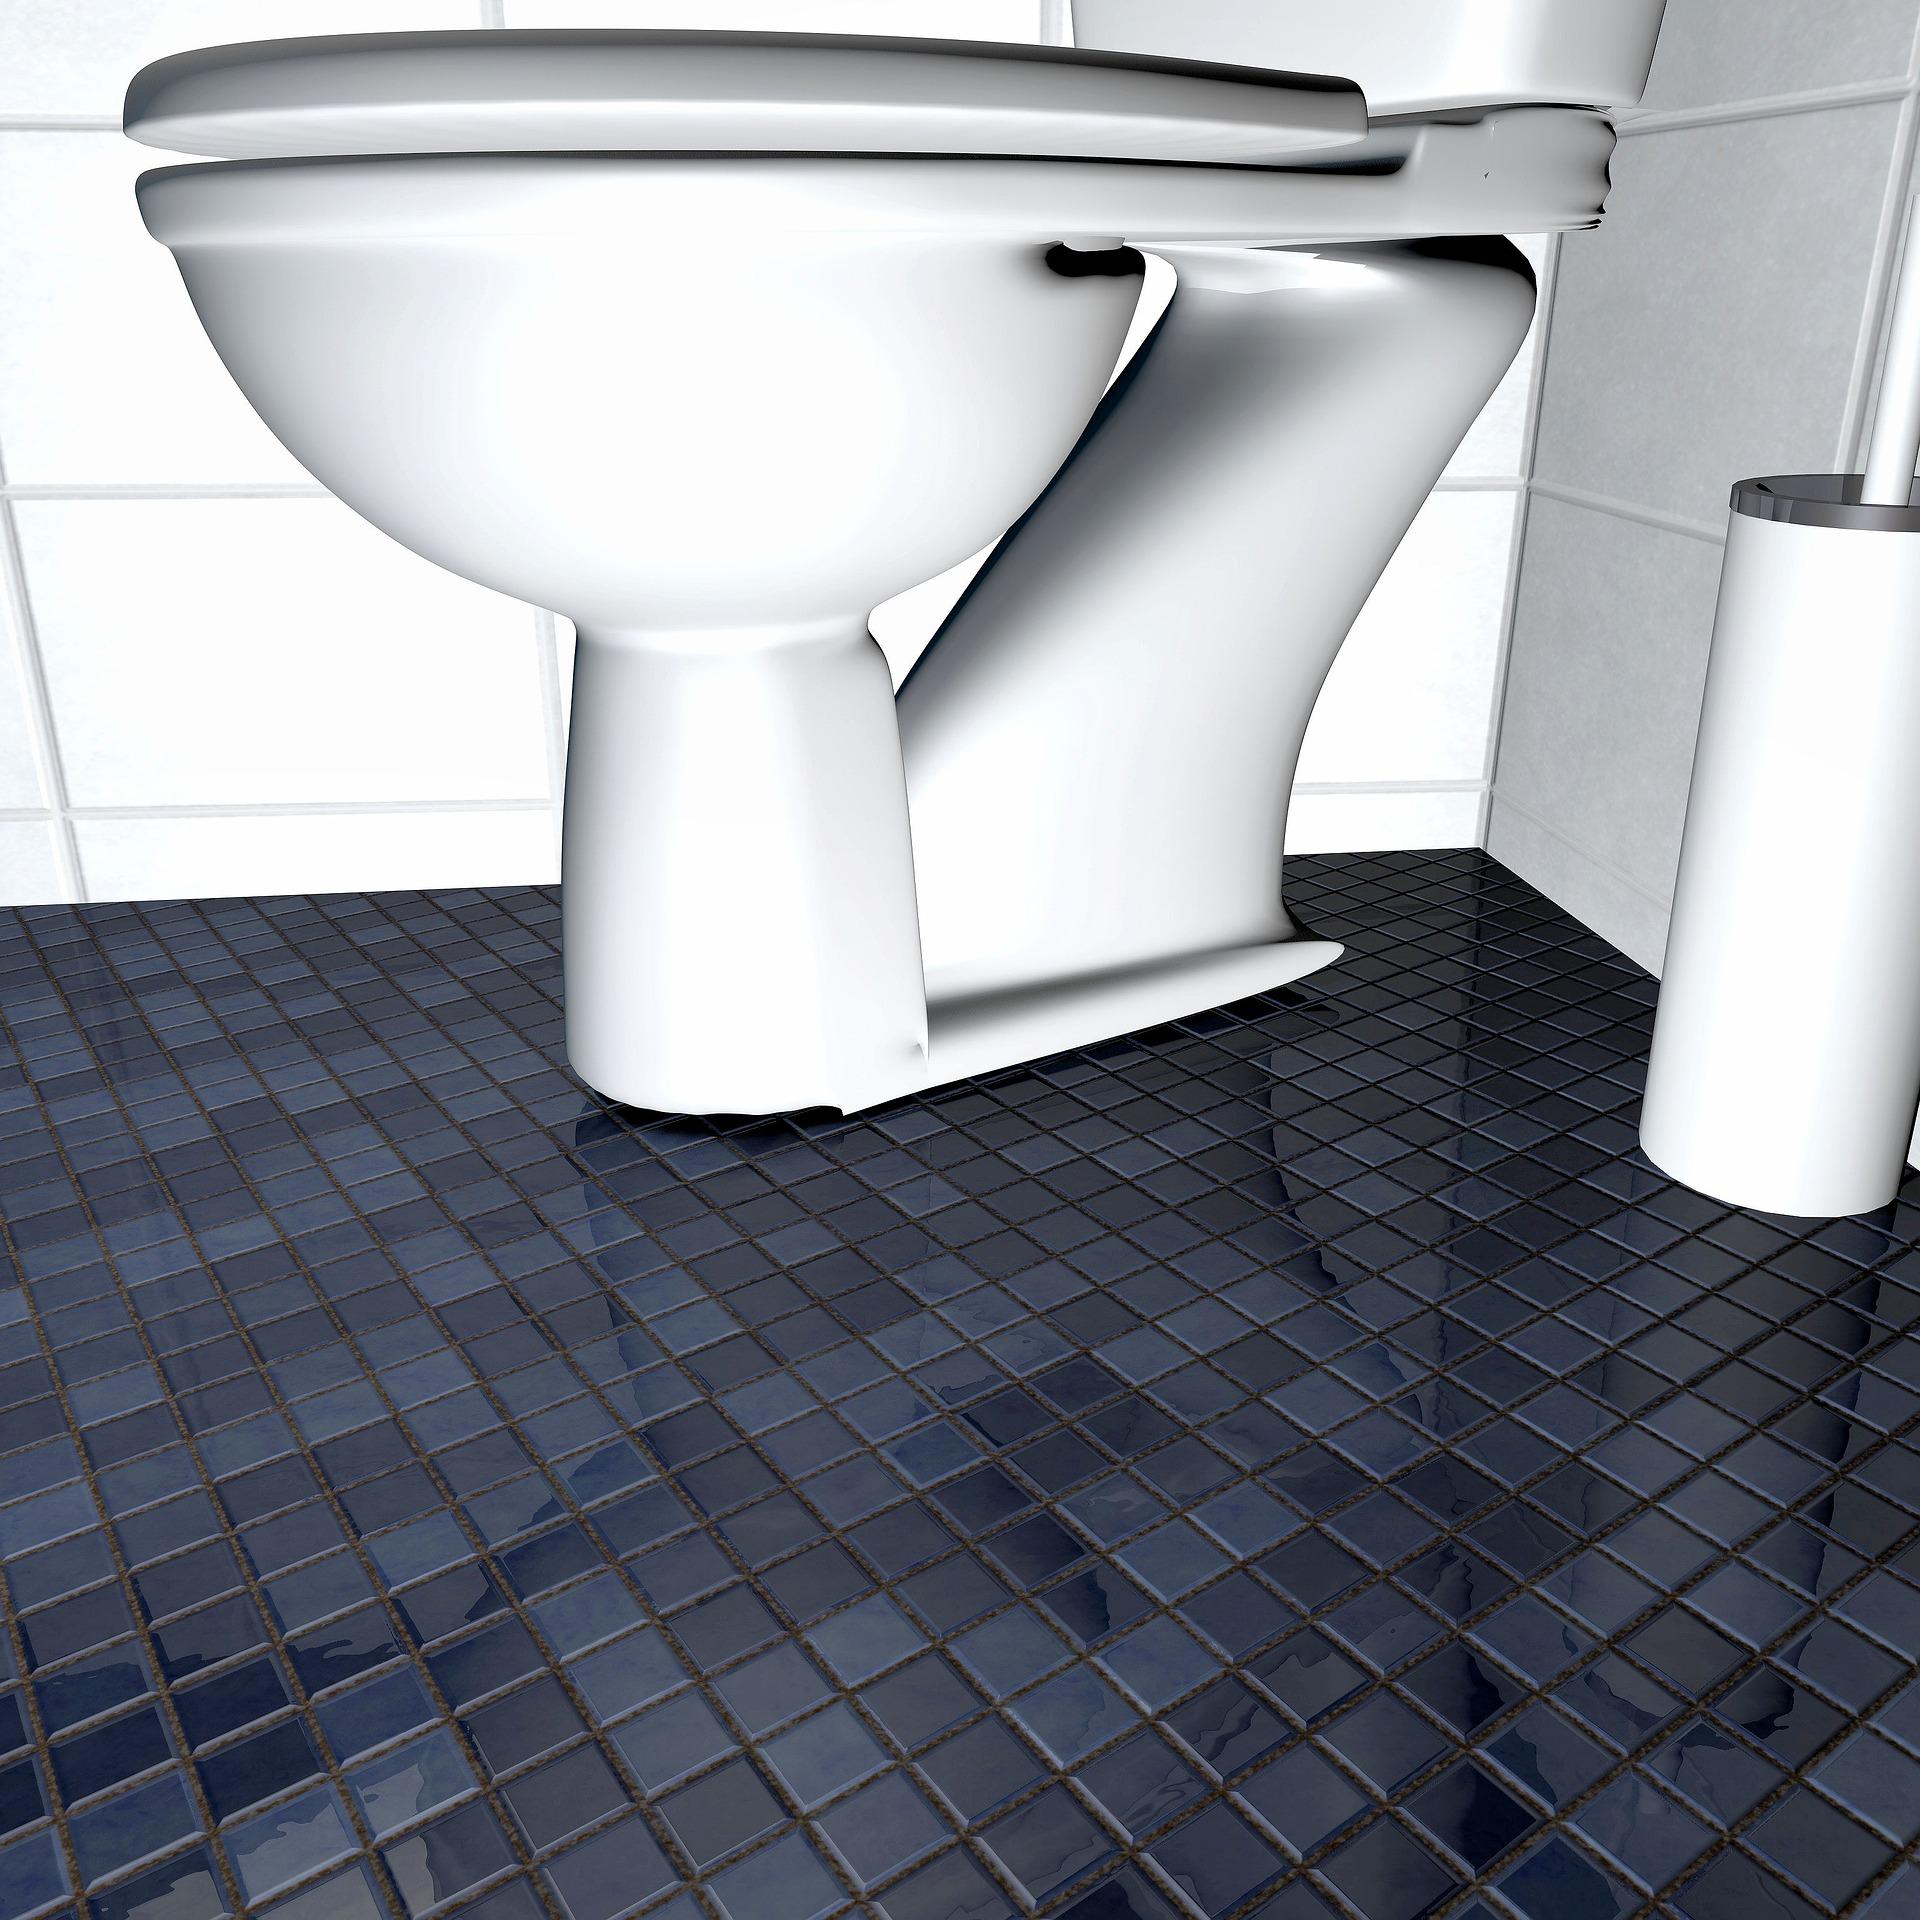 hoe vies is jouw wc